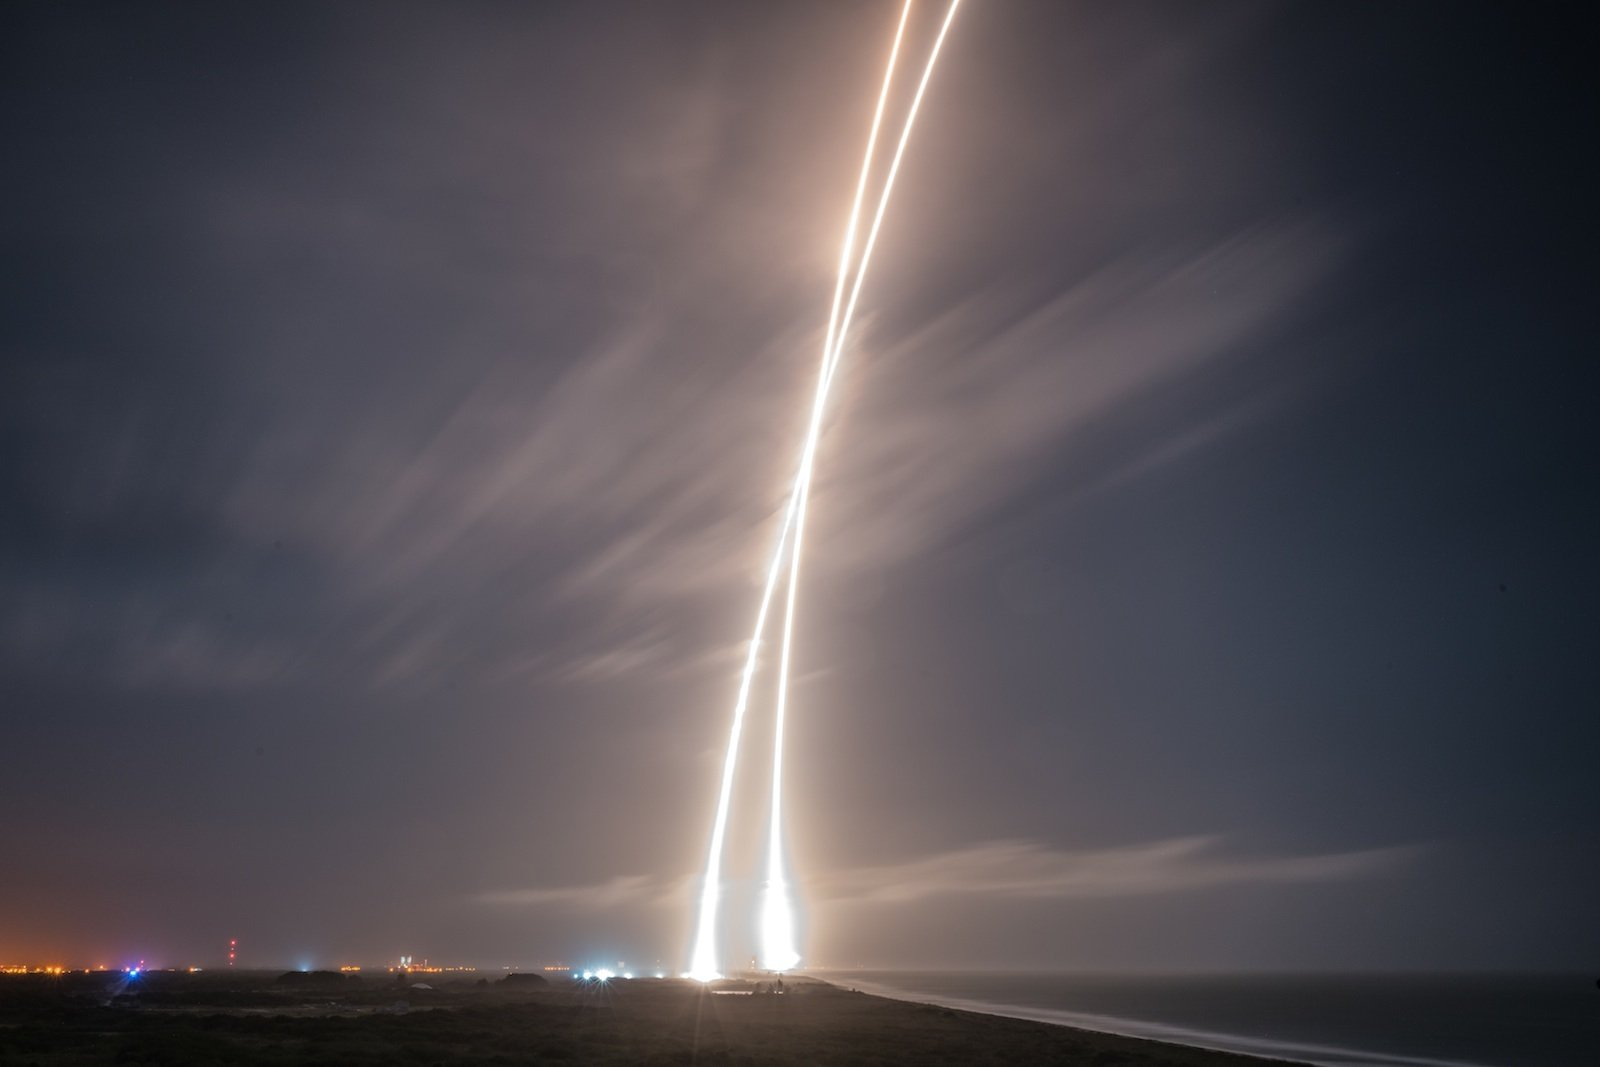 Licht am Horizont: Diesmal hat es geklappt. SpaceX feierte gestern nach der Rückkehr der Trägerrakete Falcon 9